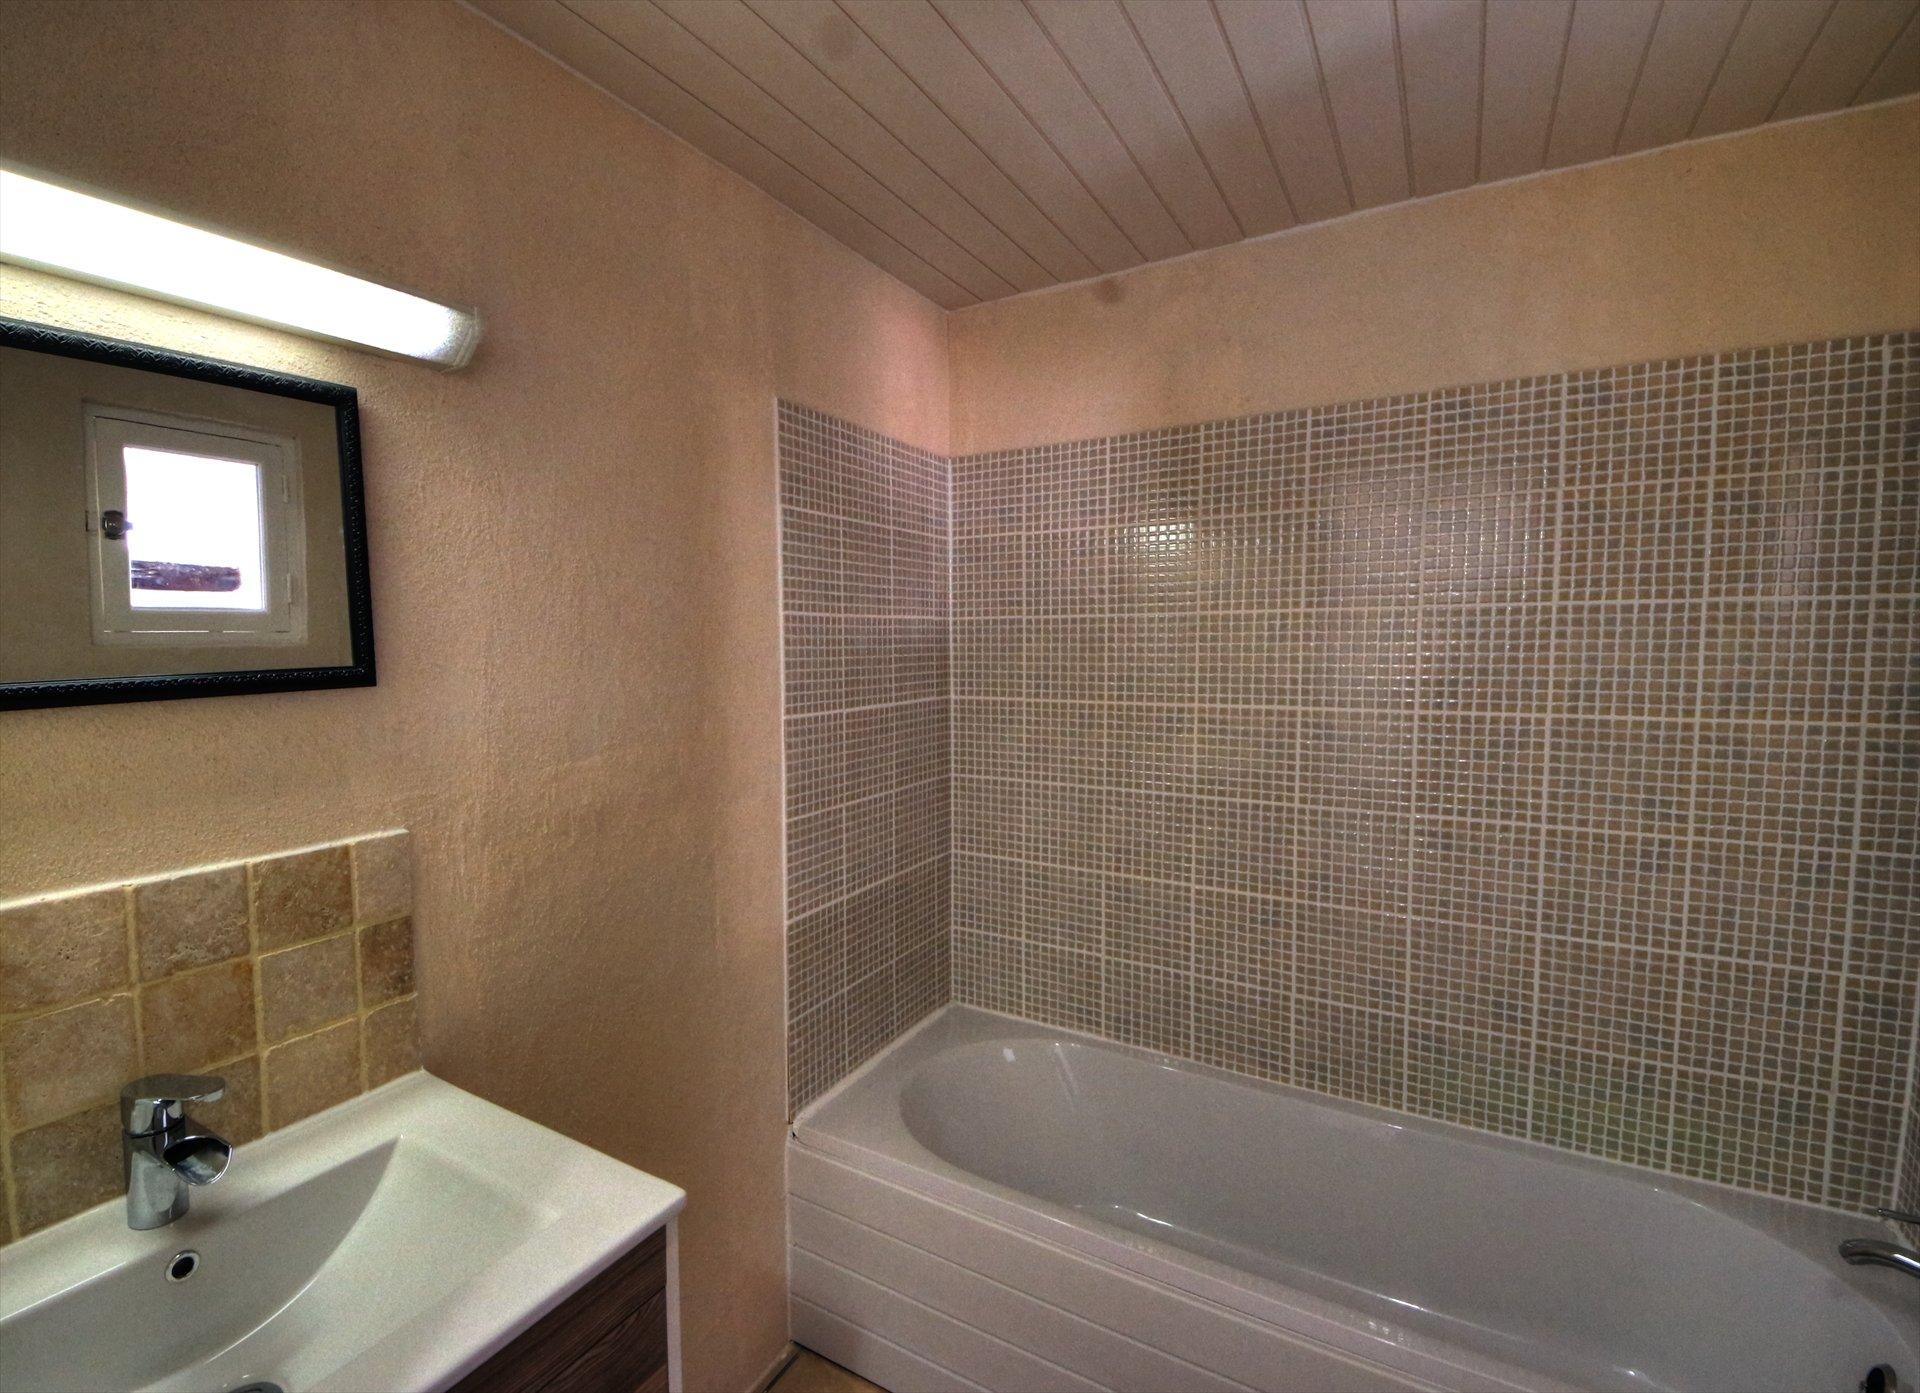 salle de bain privative - espace parents